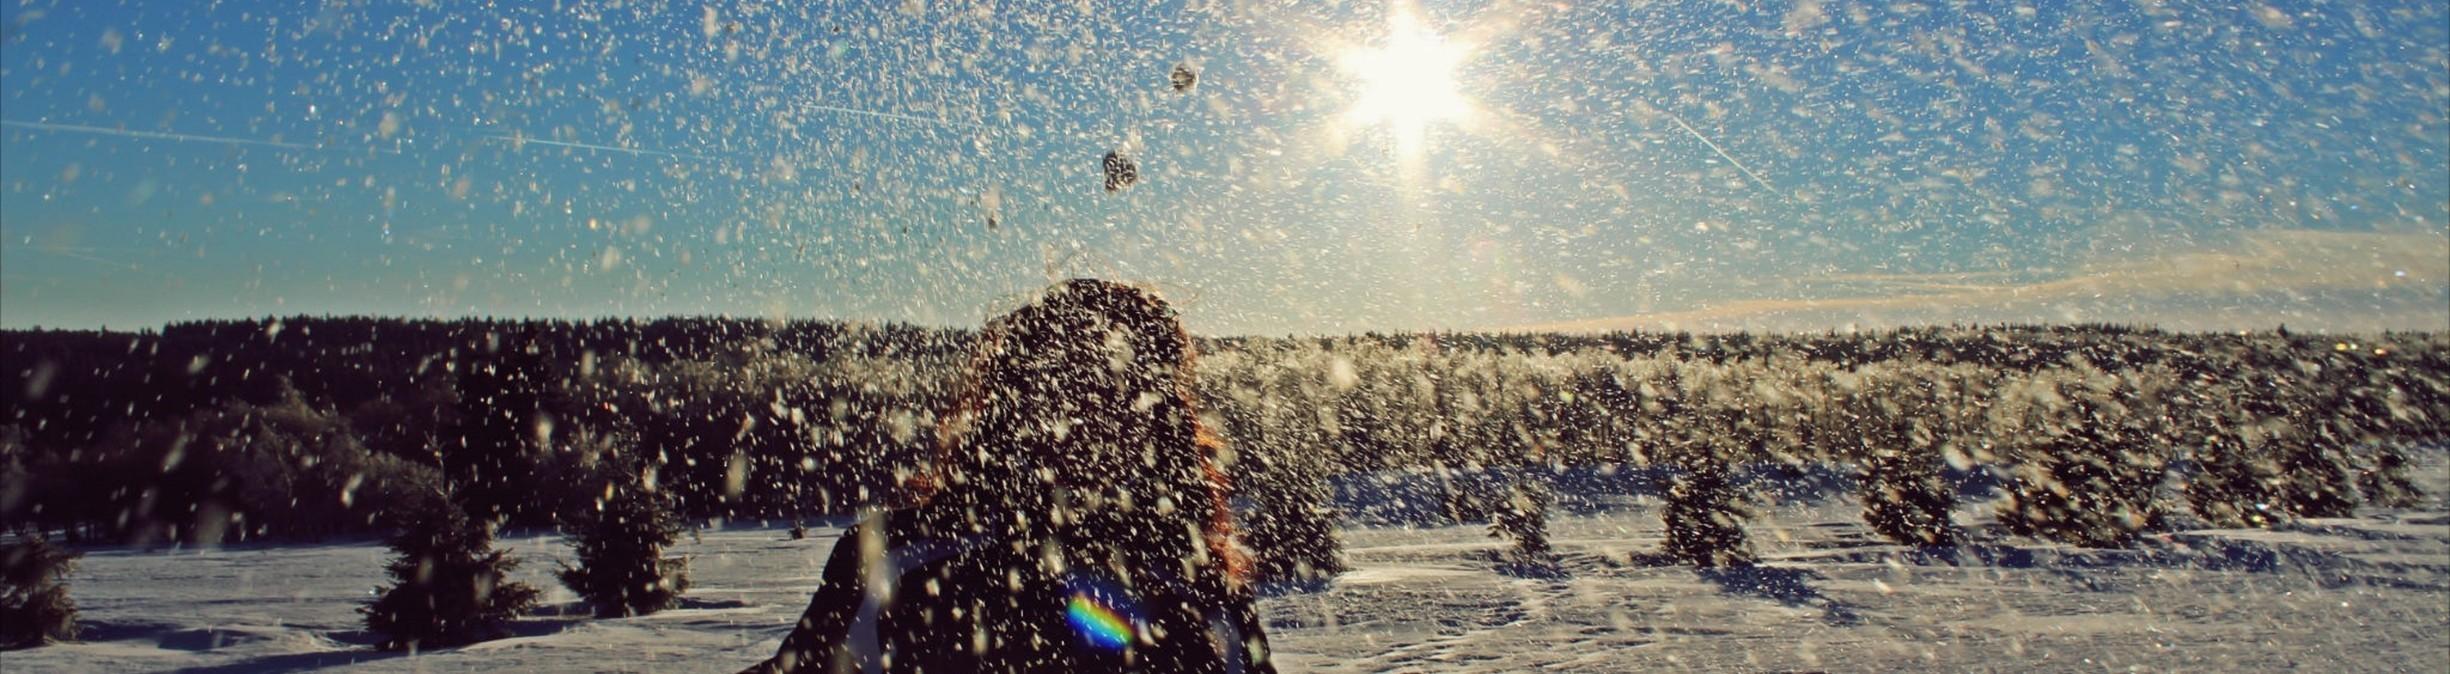 Junge Frau wirft mit Schnee.